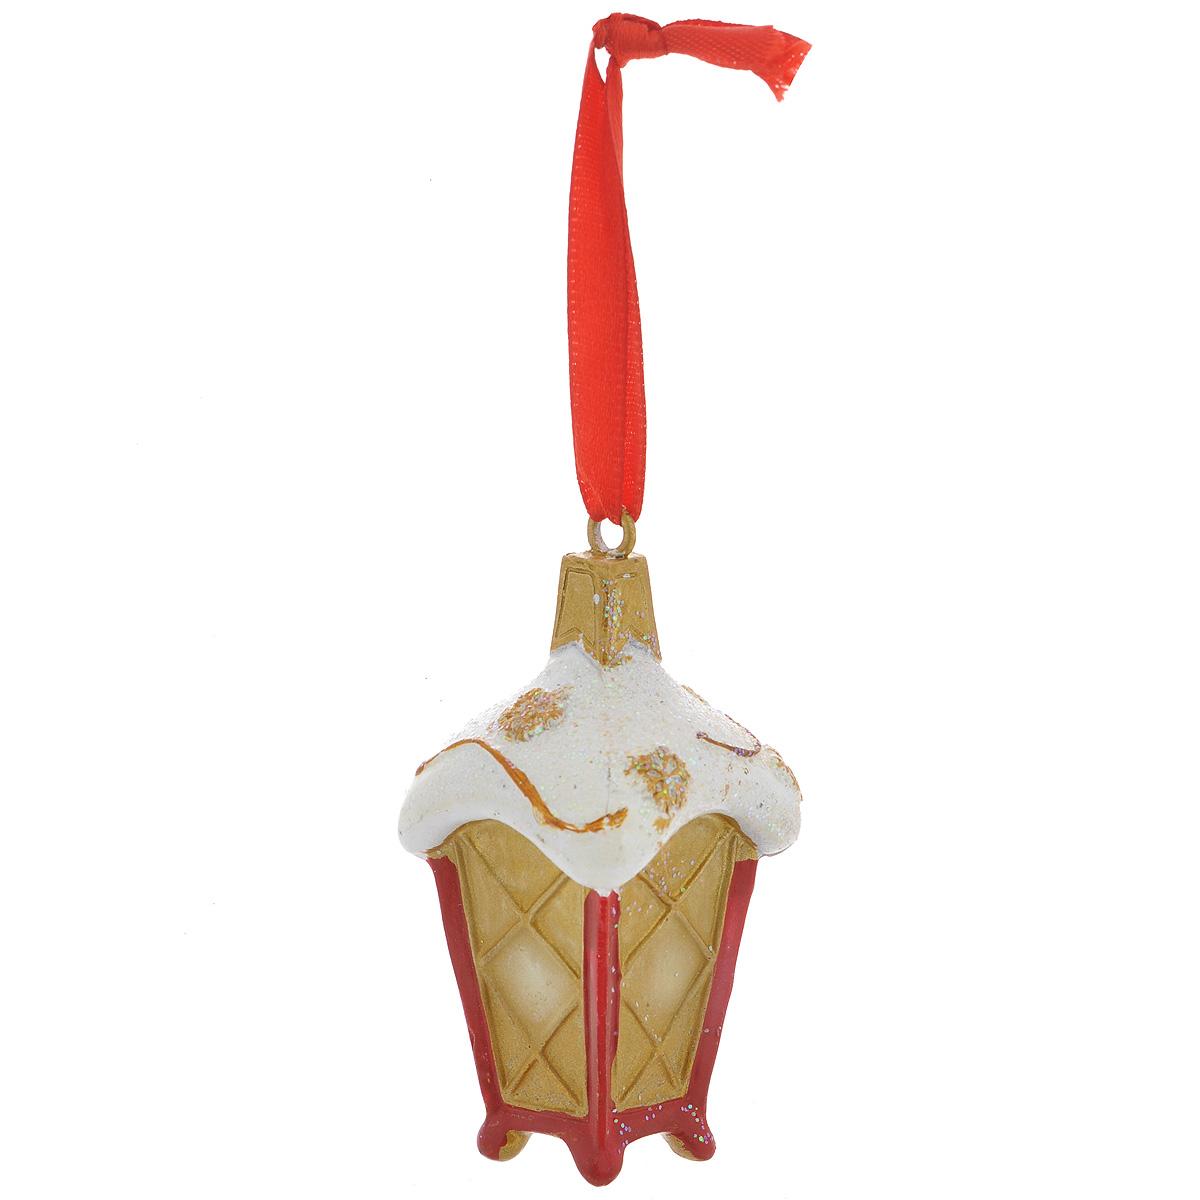 Новогоднее подвесное украшение Заснеженный фонарь. 3459634596Оригинальное новогоднее украшение из пластика прекрасно подойдет для праздничного декора дома и новогодней ели. Изделие крепится на елку с помощью металлического зажима.